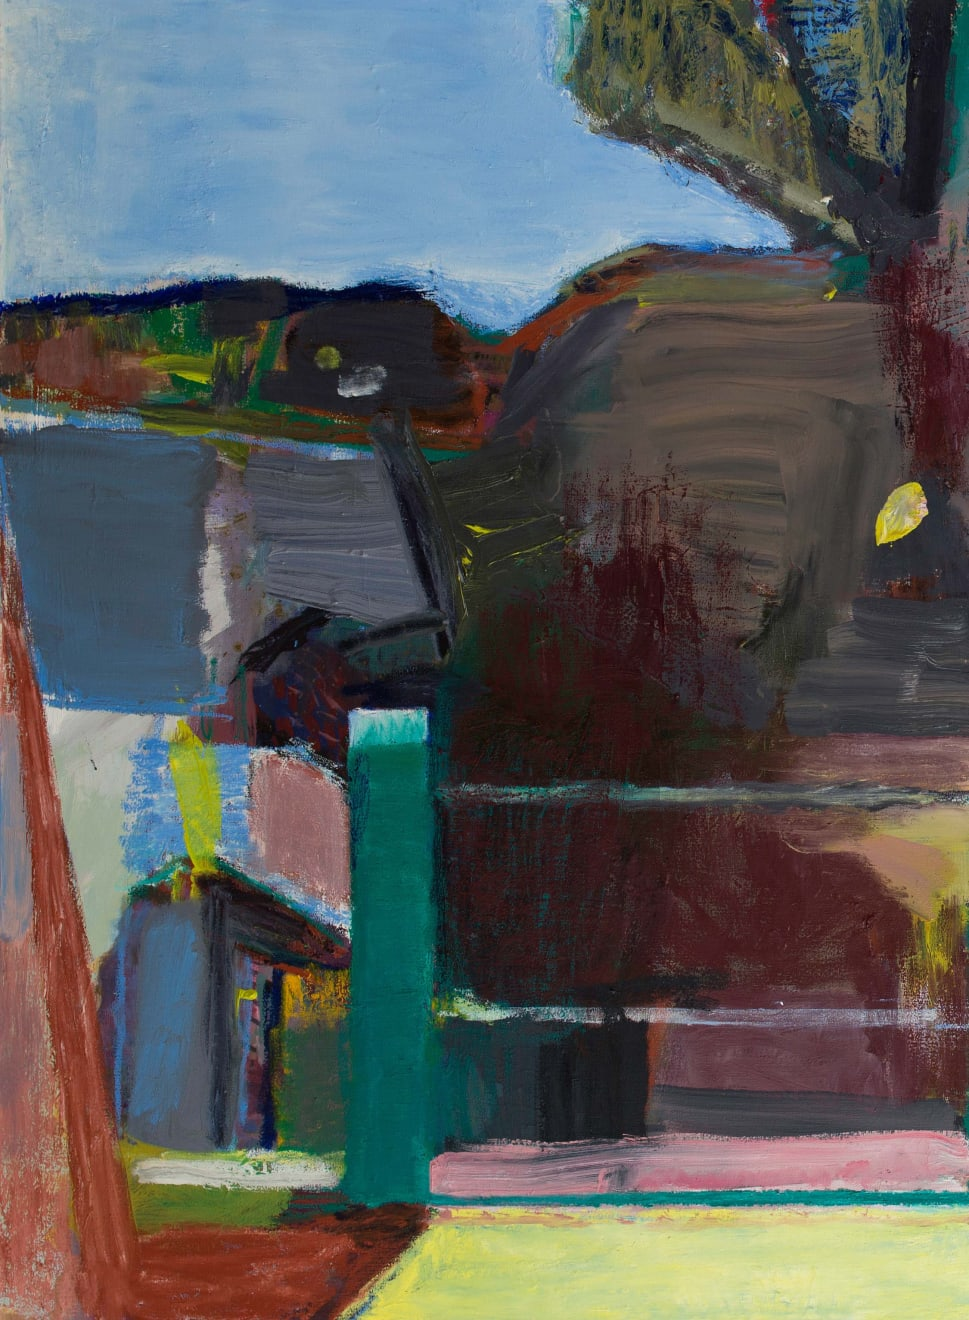 Pavilion Oil Paint and Oil Crayon on Canvas Original 90 x 120 cm $9 300 £4 710 SOLD